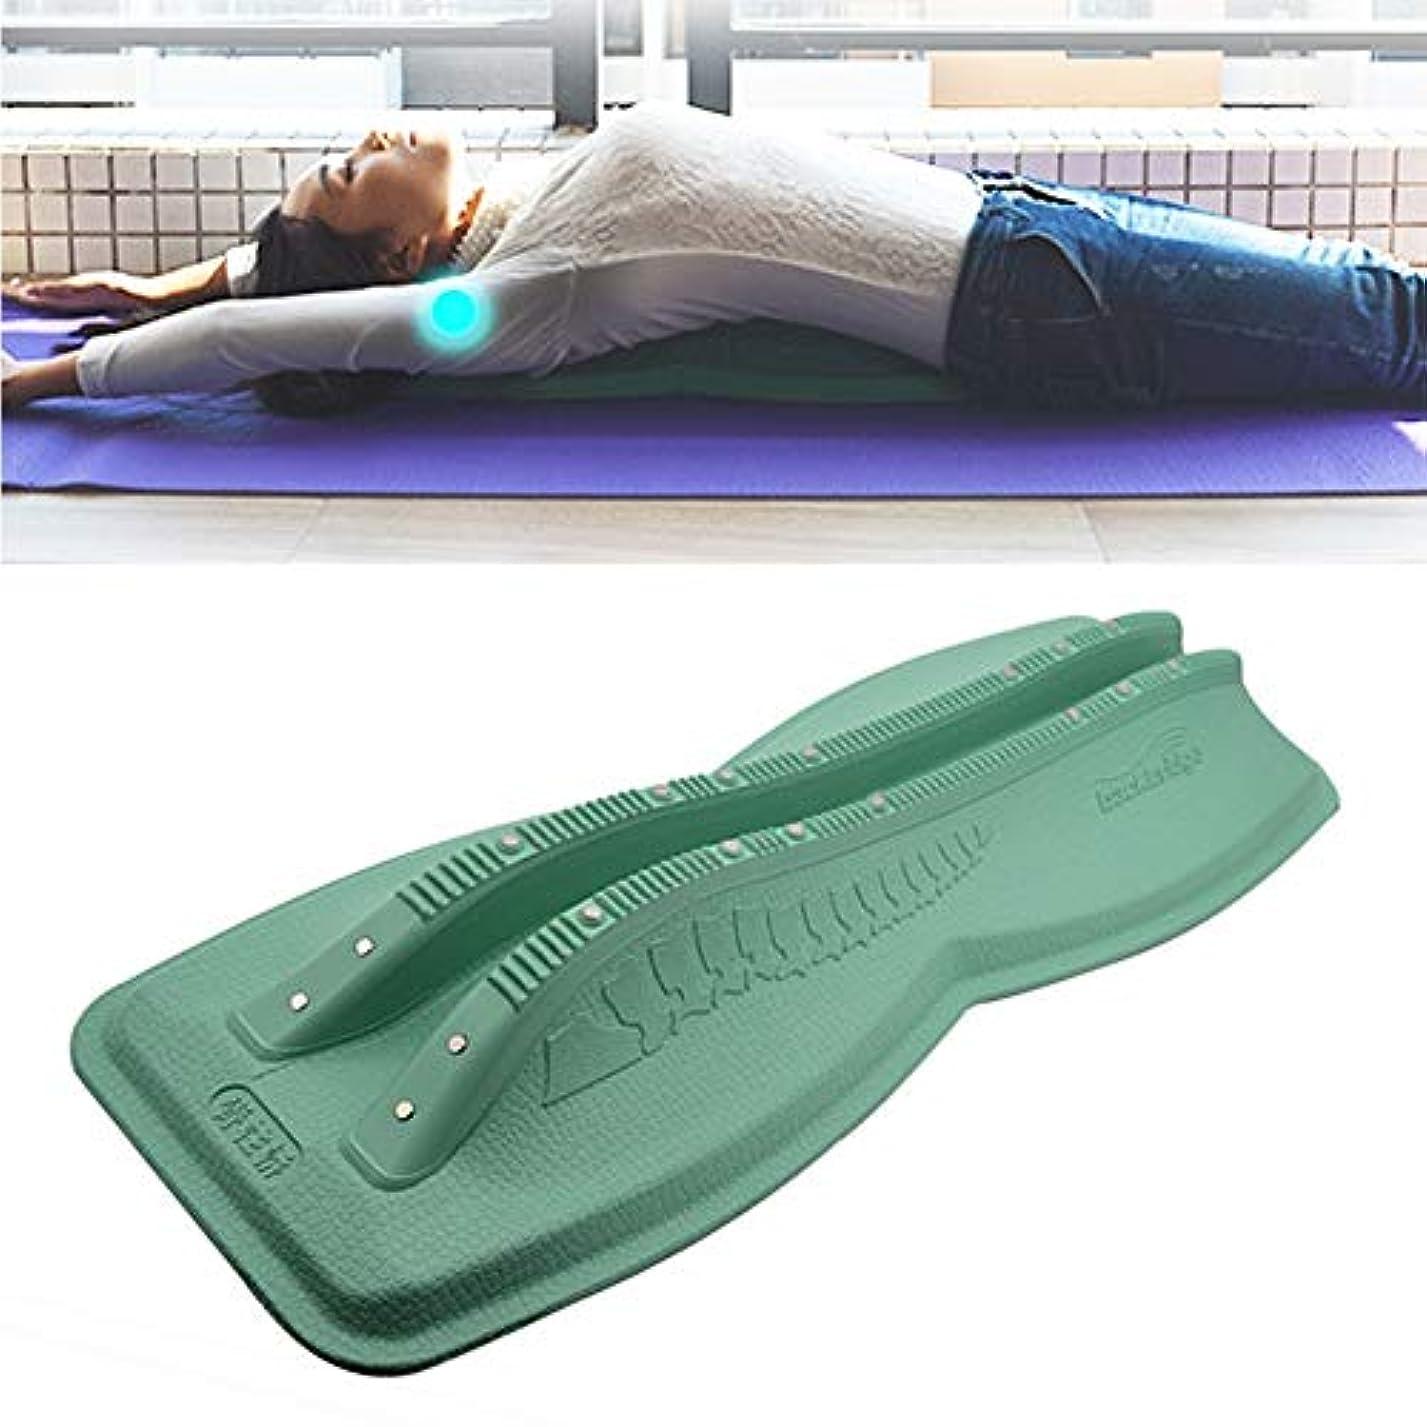 暫定のグリル標準ホームバックコレクターキャメルバックコレクター頸部腰椎マッサージ脊椎脊椎ストレッチストレッチ